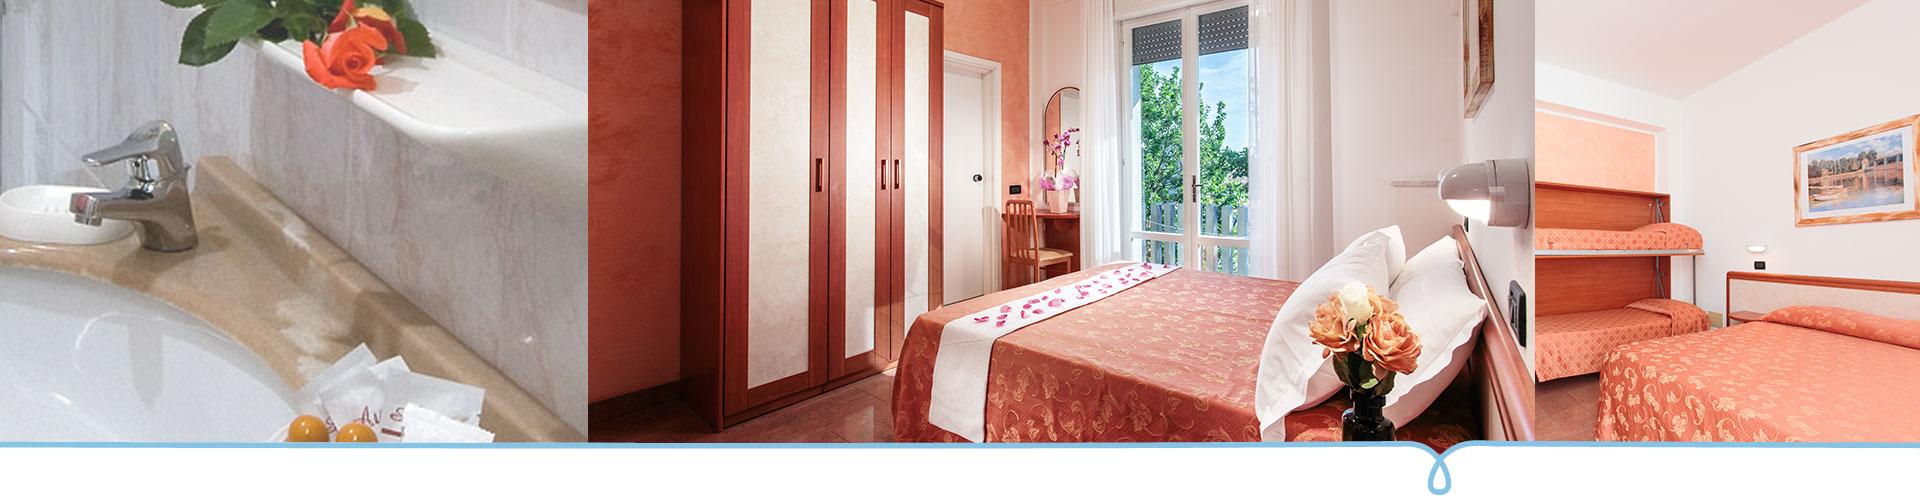 Zimmer mit Klimaanlage und Komfort   Hotel Garden Igea Marina